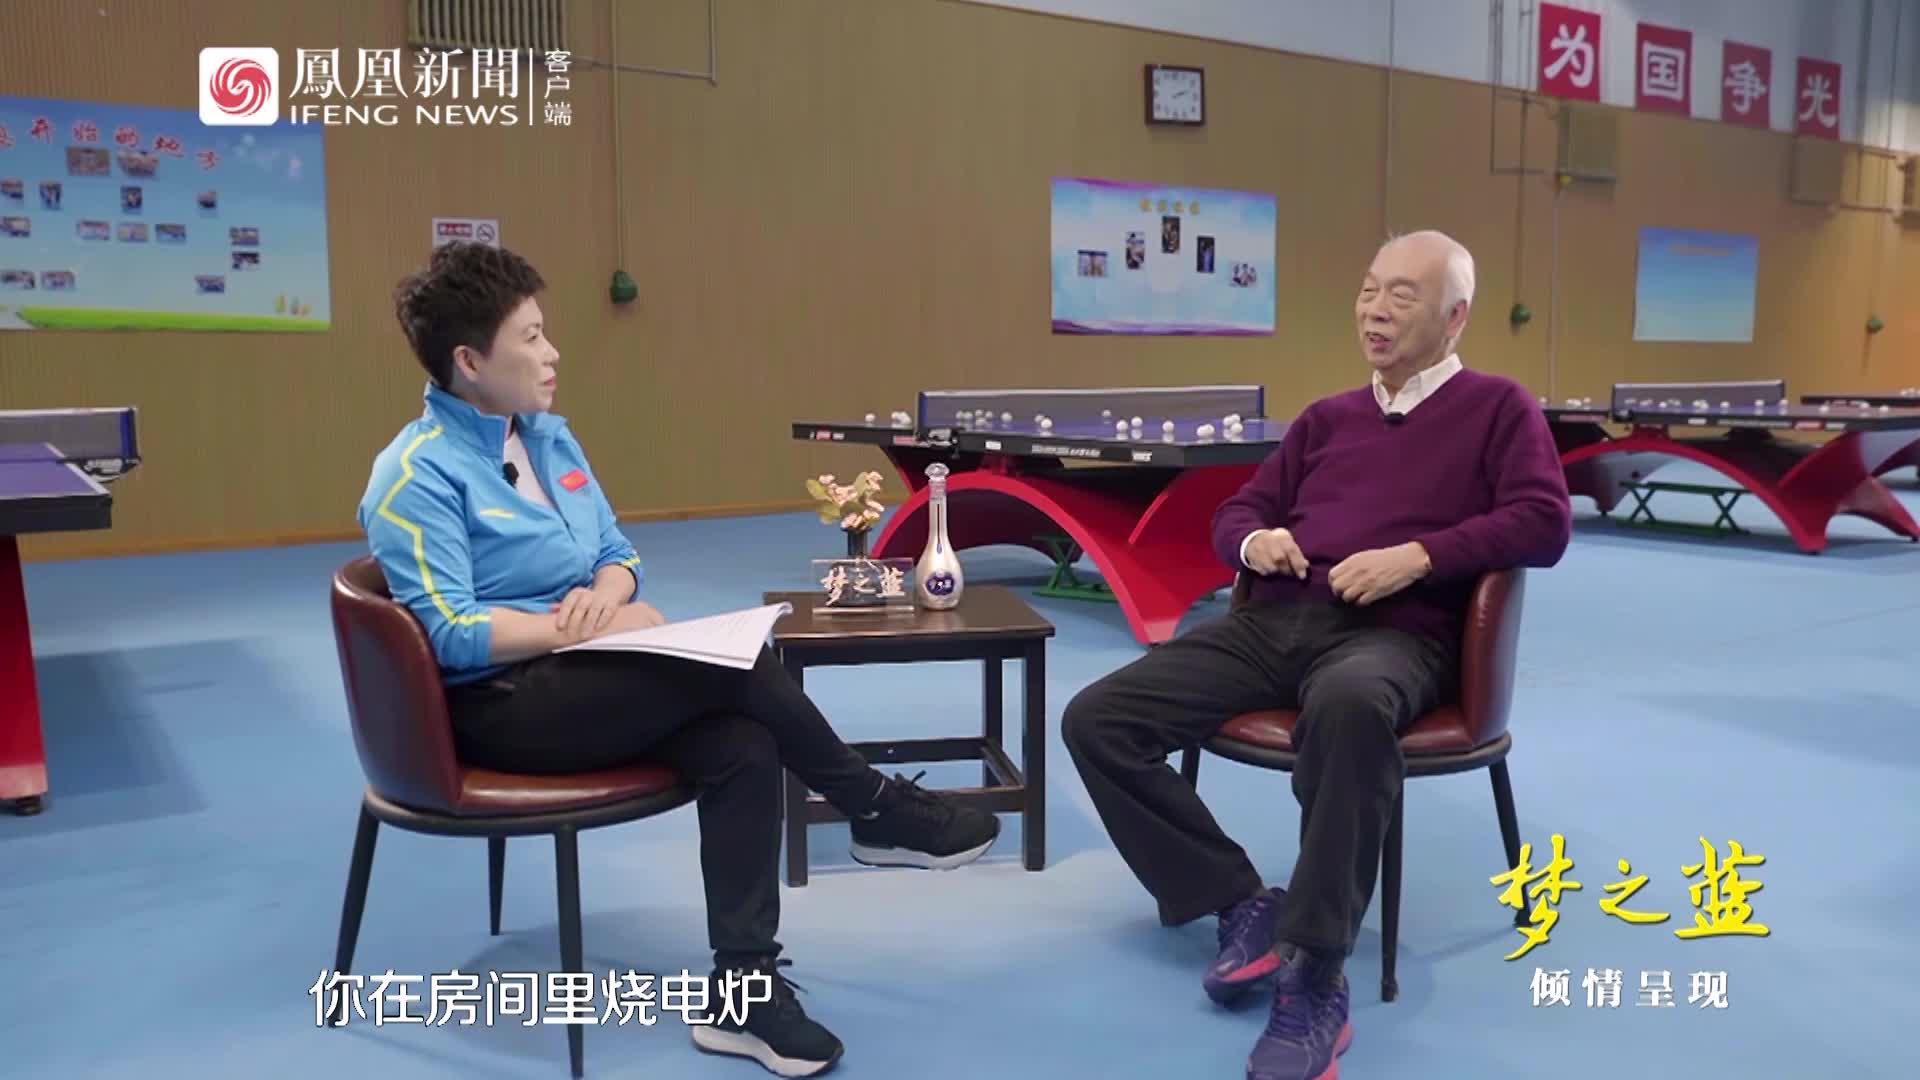 教练张燮林起底邓亚萍:个子小饭量大,吃起饭来吓死人